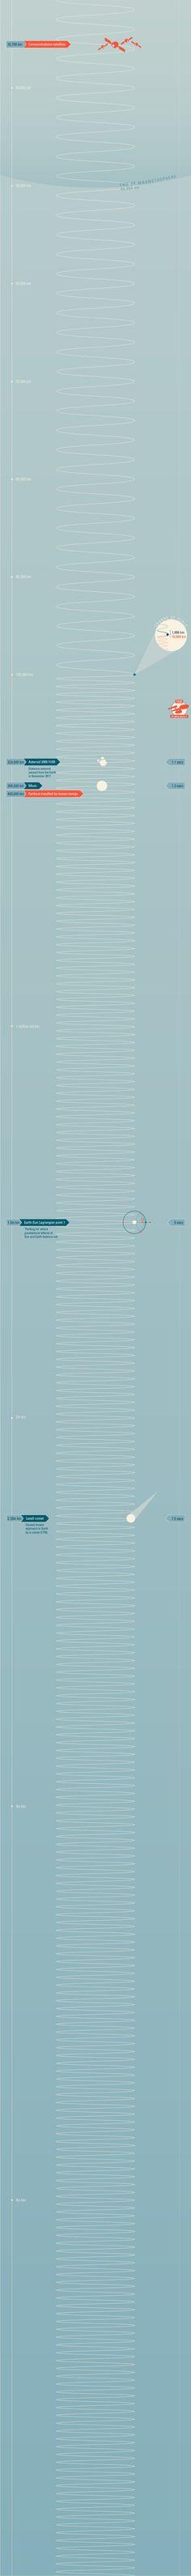 Infographie sur la taille de notre galaxie #2